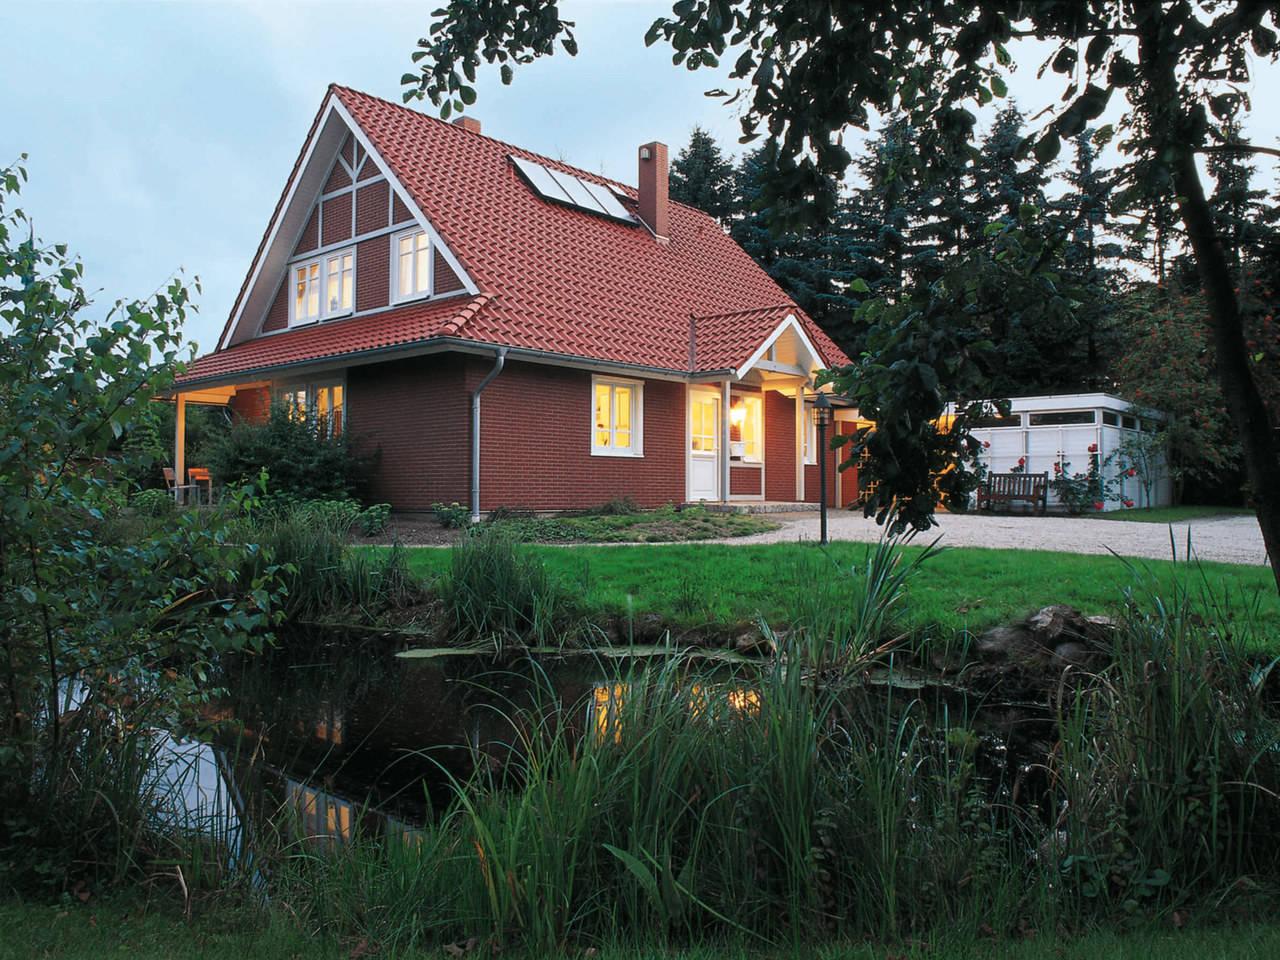 Haacke Haus Landhaus - Musterhaus Hamburg/Stelle